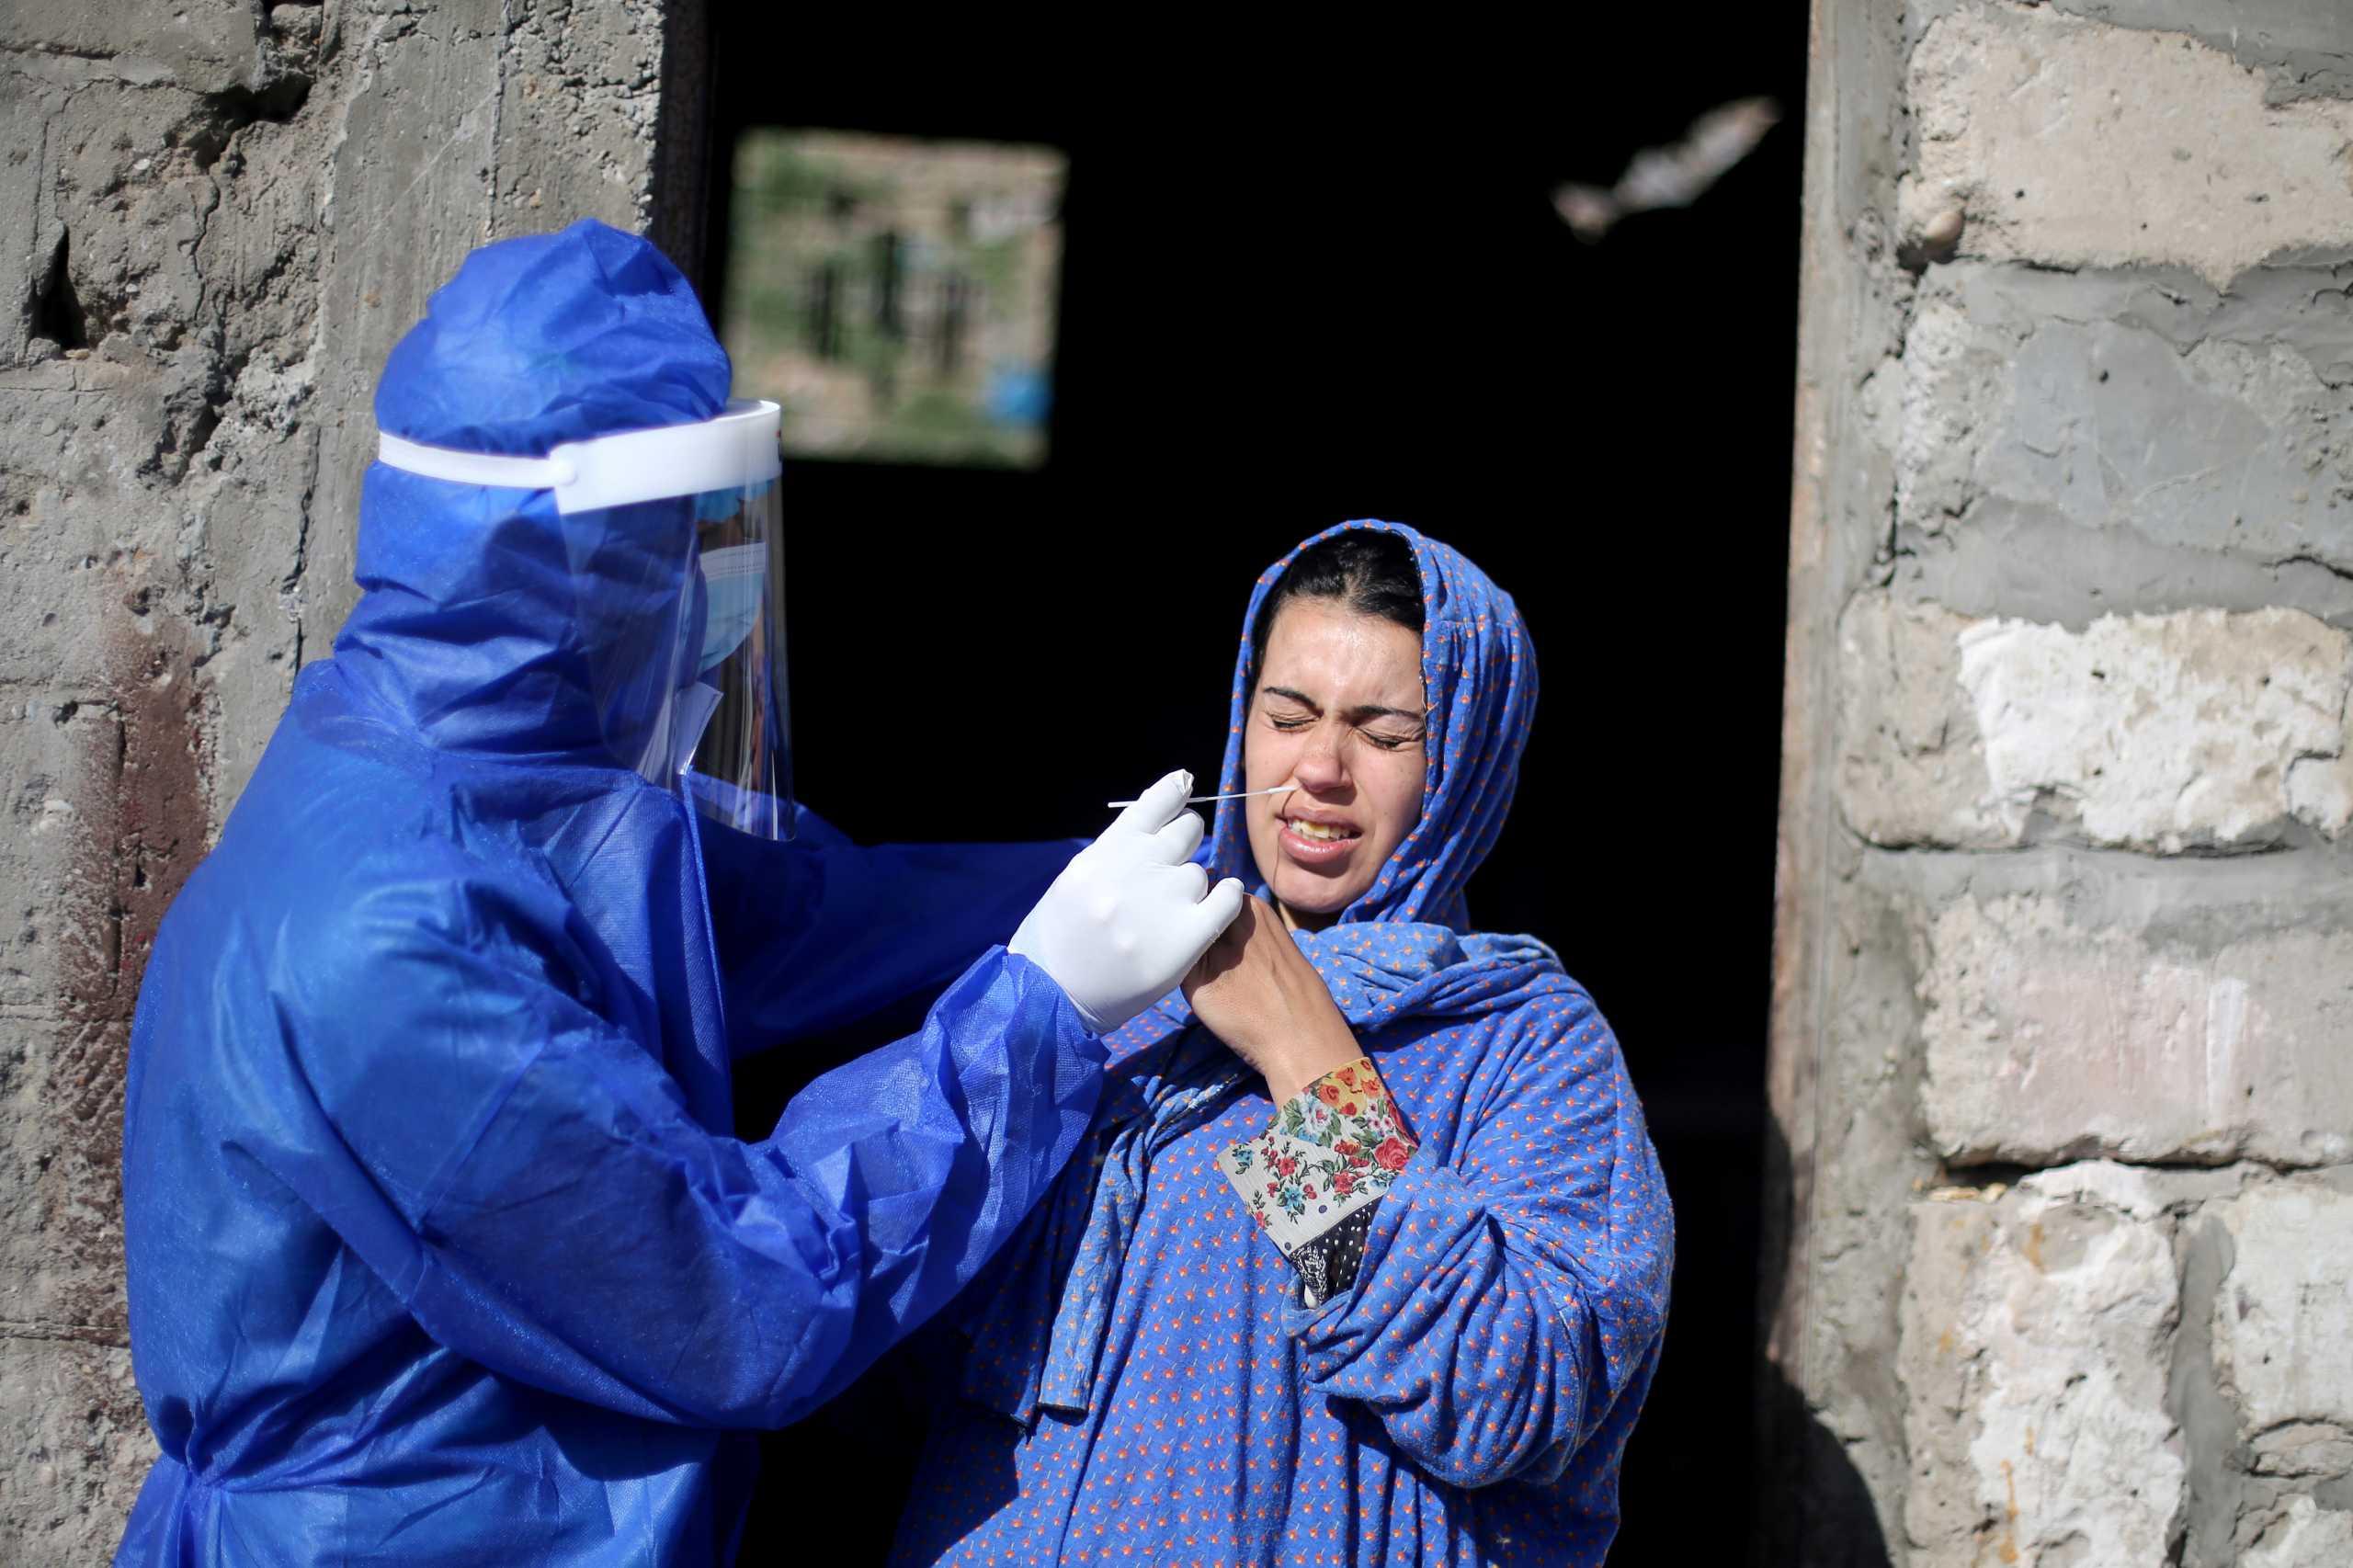 Κορονοϊός: Η Παλαιστινιακή Αρχή θα αρχίσει τους εμβολιασμούς στα μέσα Φεβρουαρίου